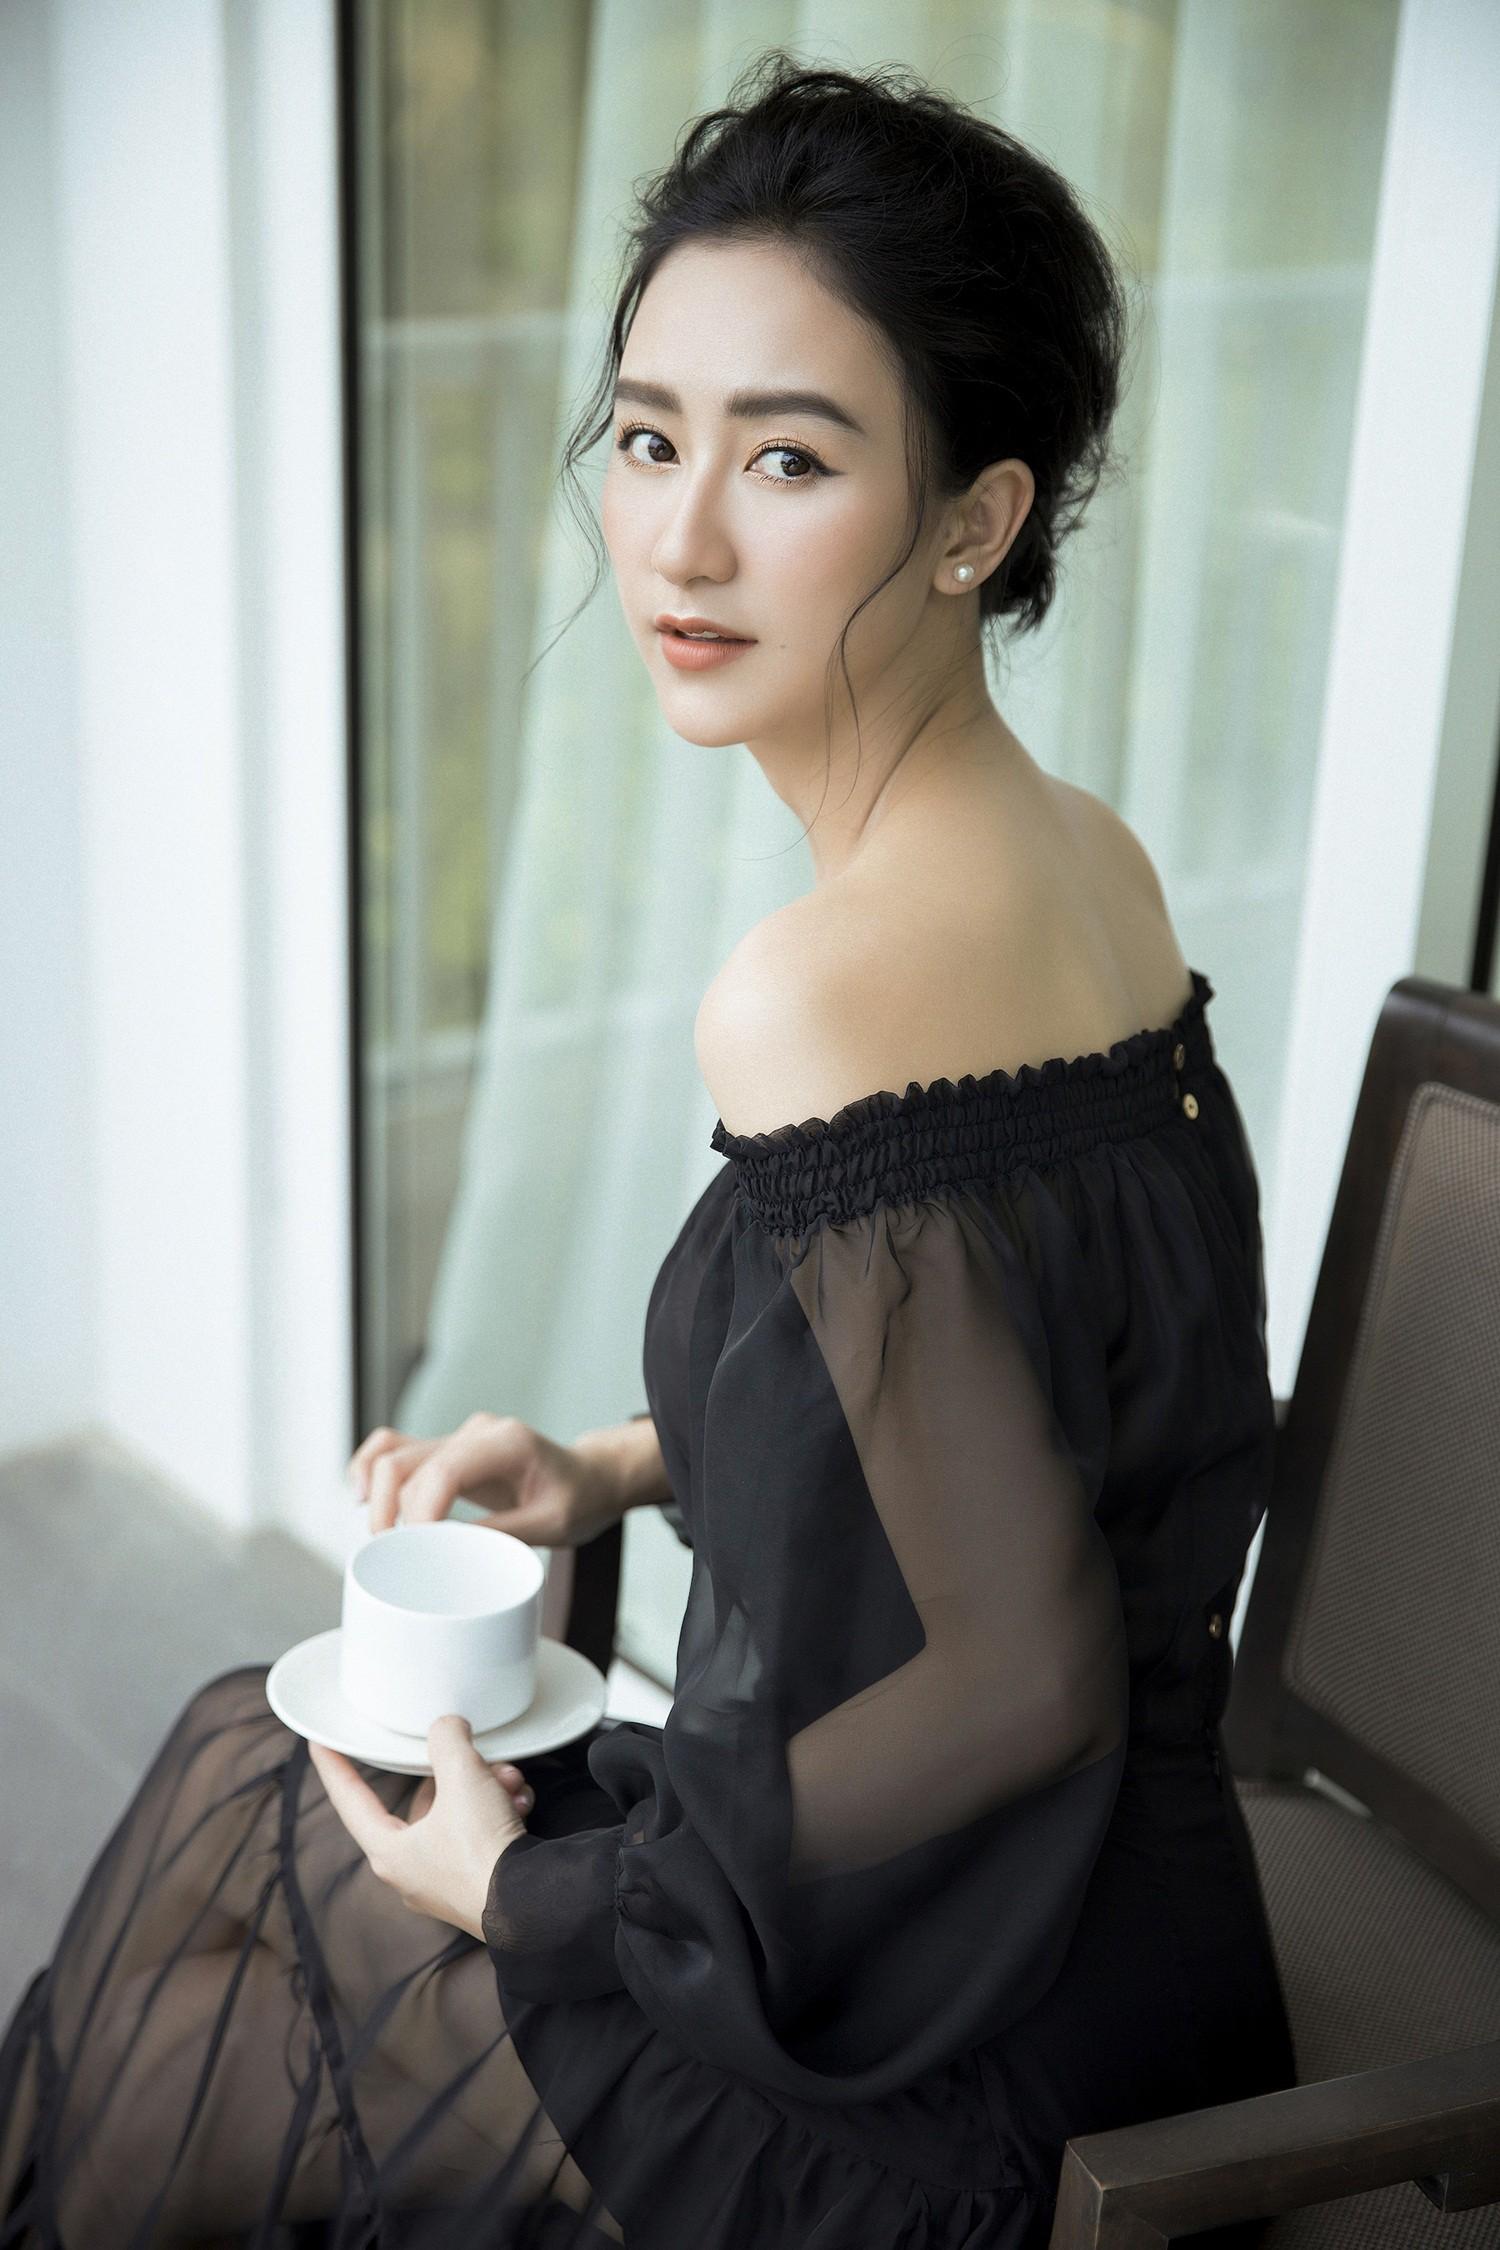 Hoa hậu và chuyện cánh tay to, bụng sồ sề khi chưa photoshop: Đâu phải nữ thần để đòi hỏi đẹp hoàn hảo 100%-7